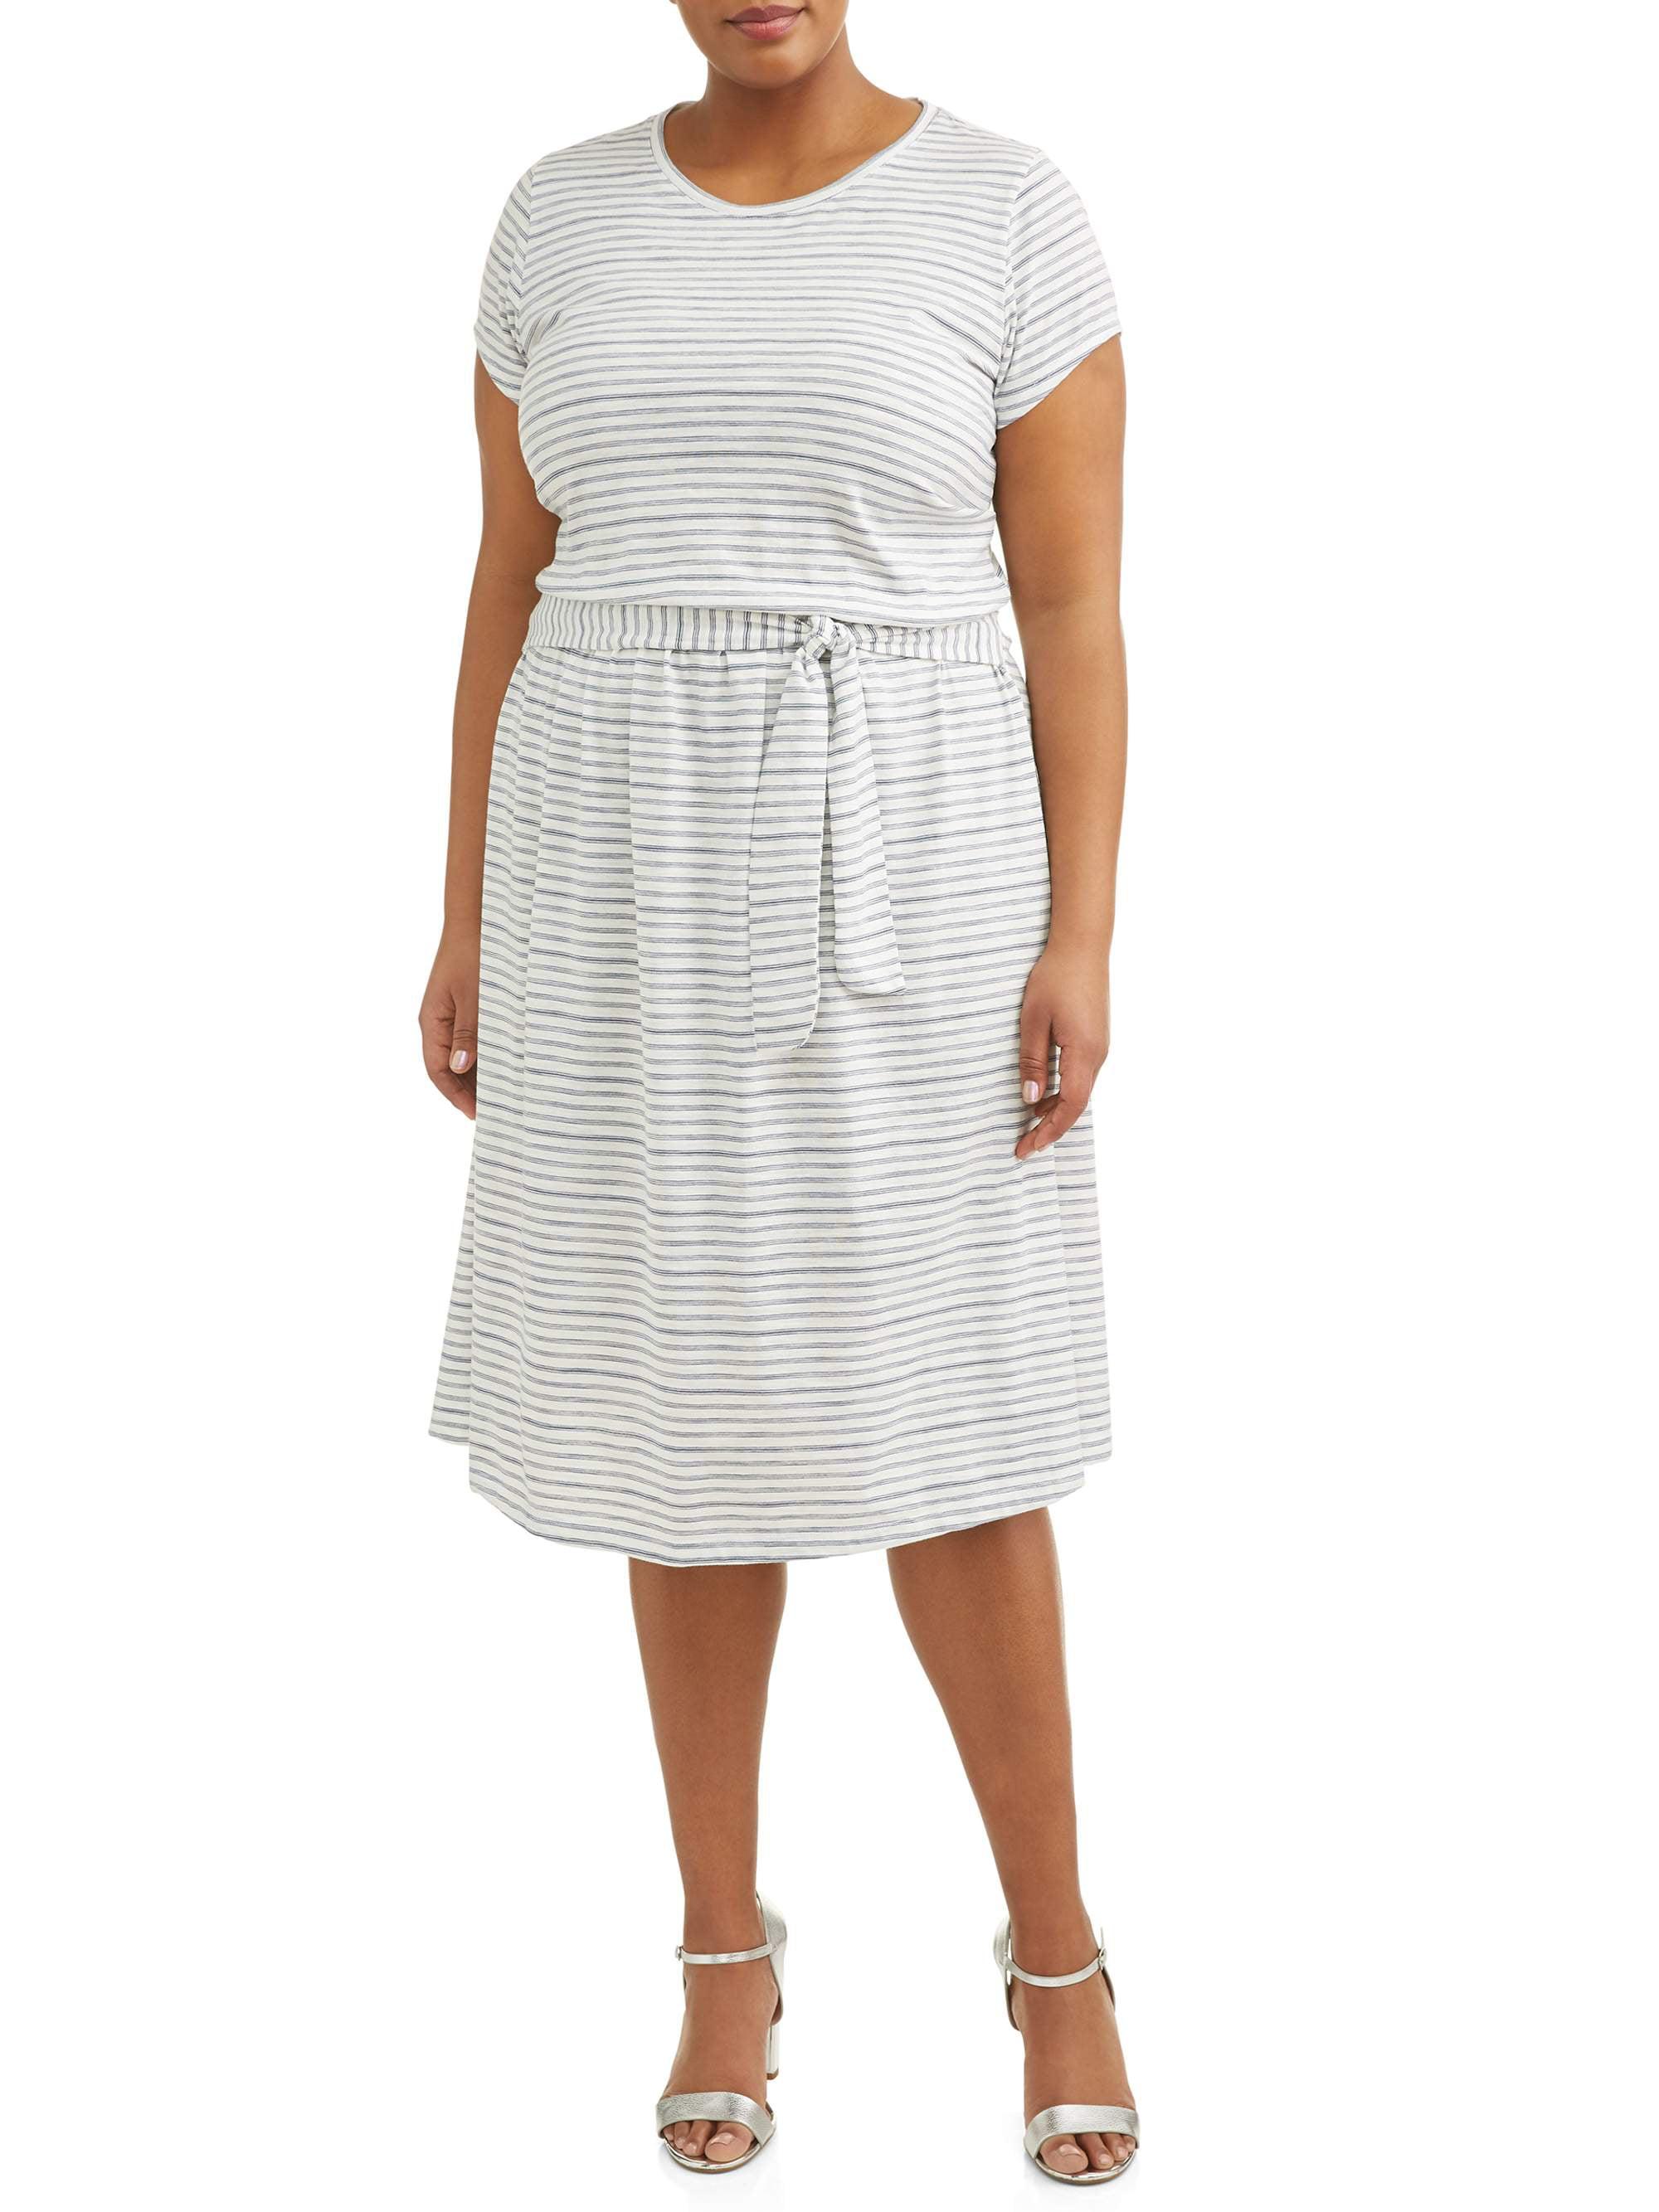 Women's Plus Size Short Sleeve Knit Tie Waist Dress